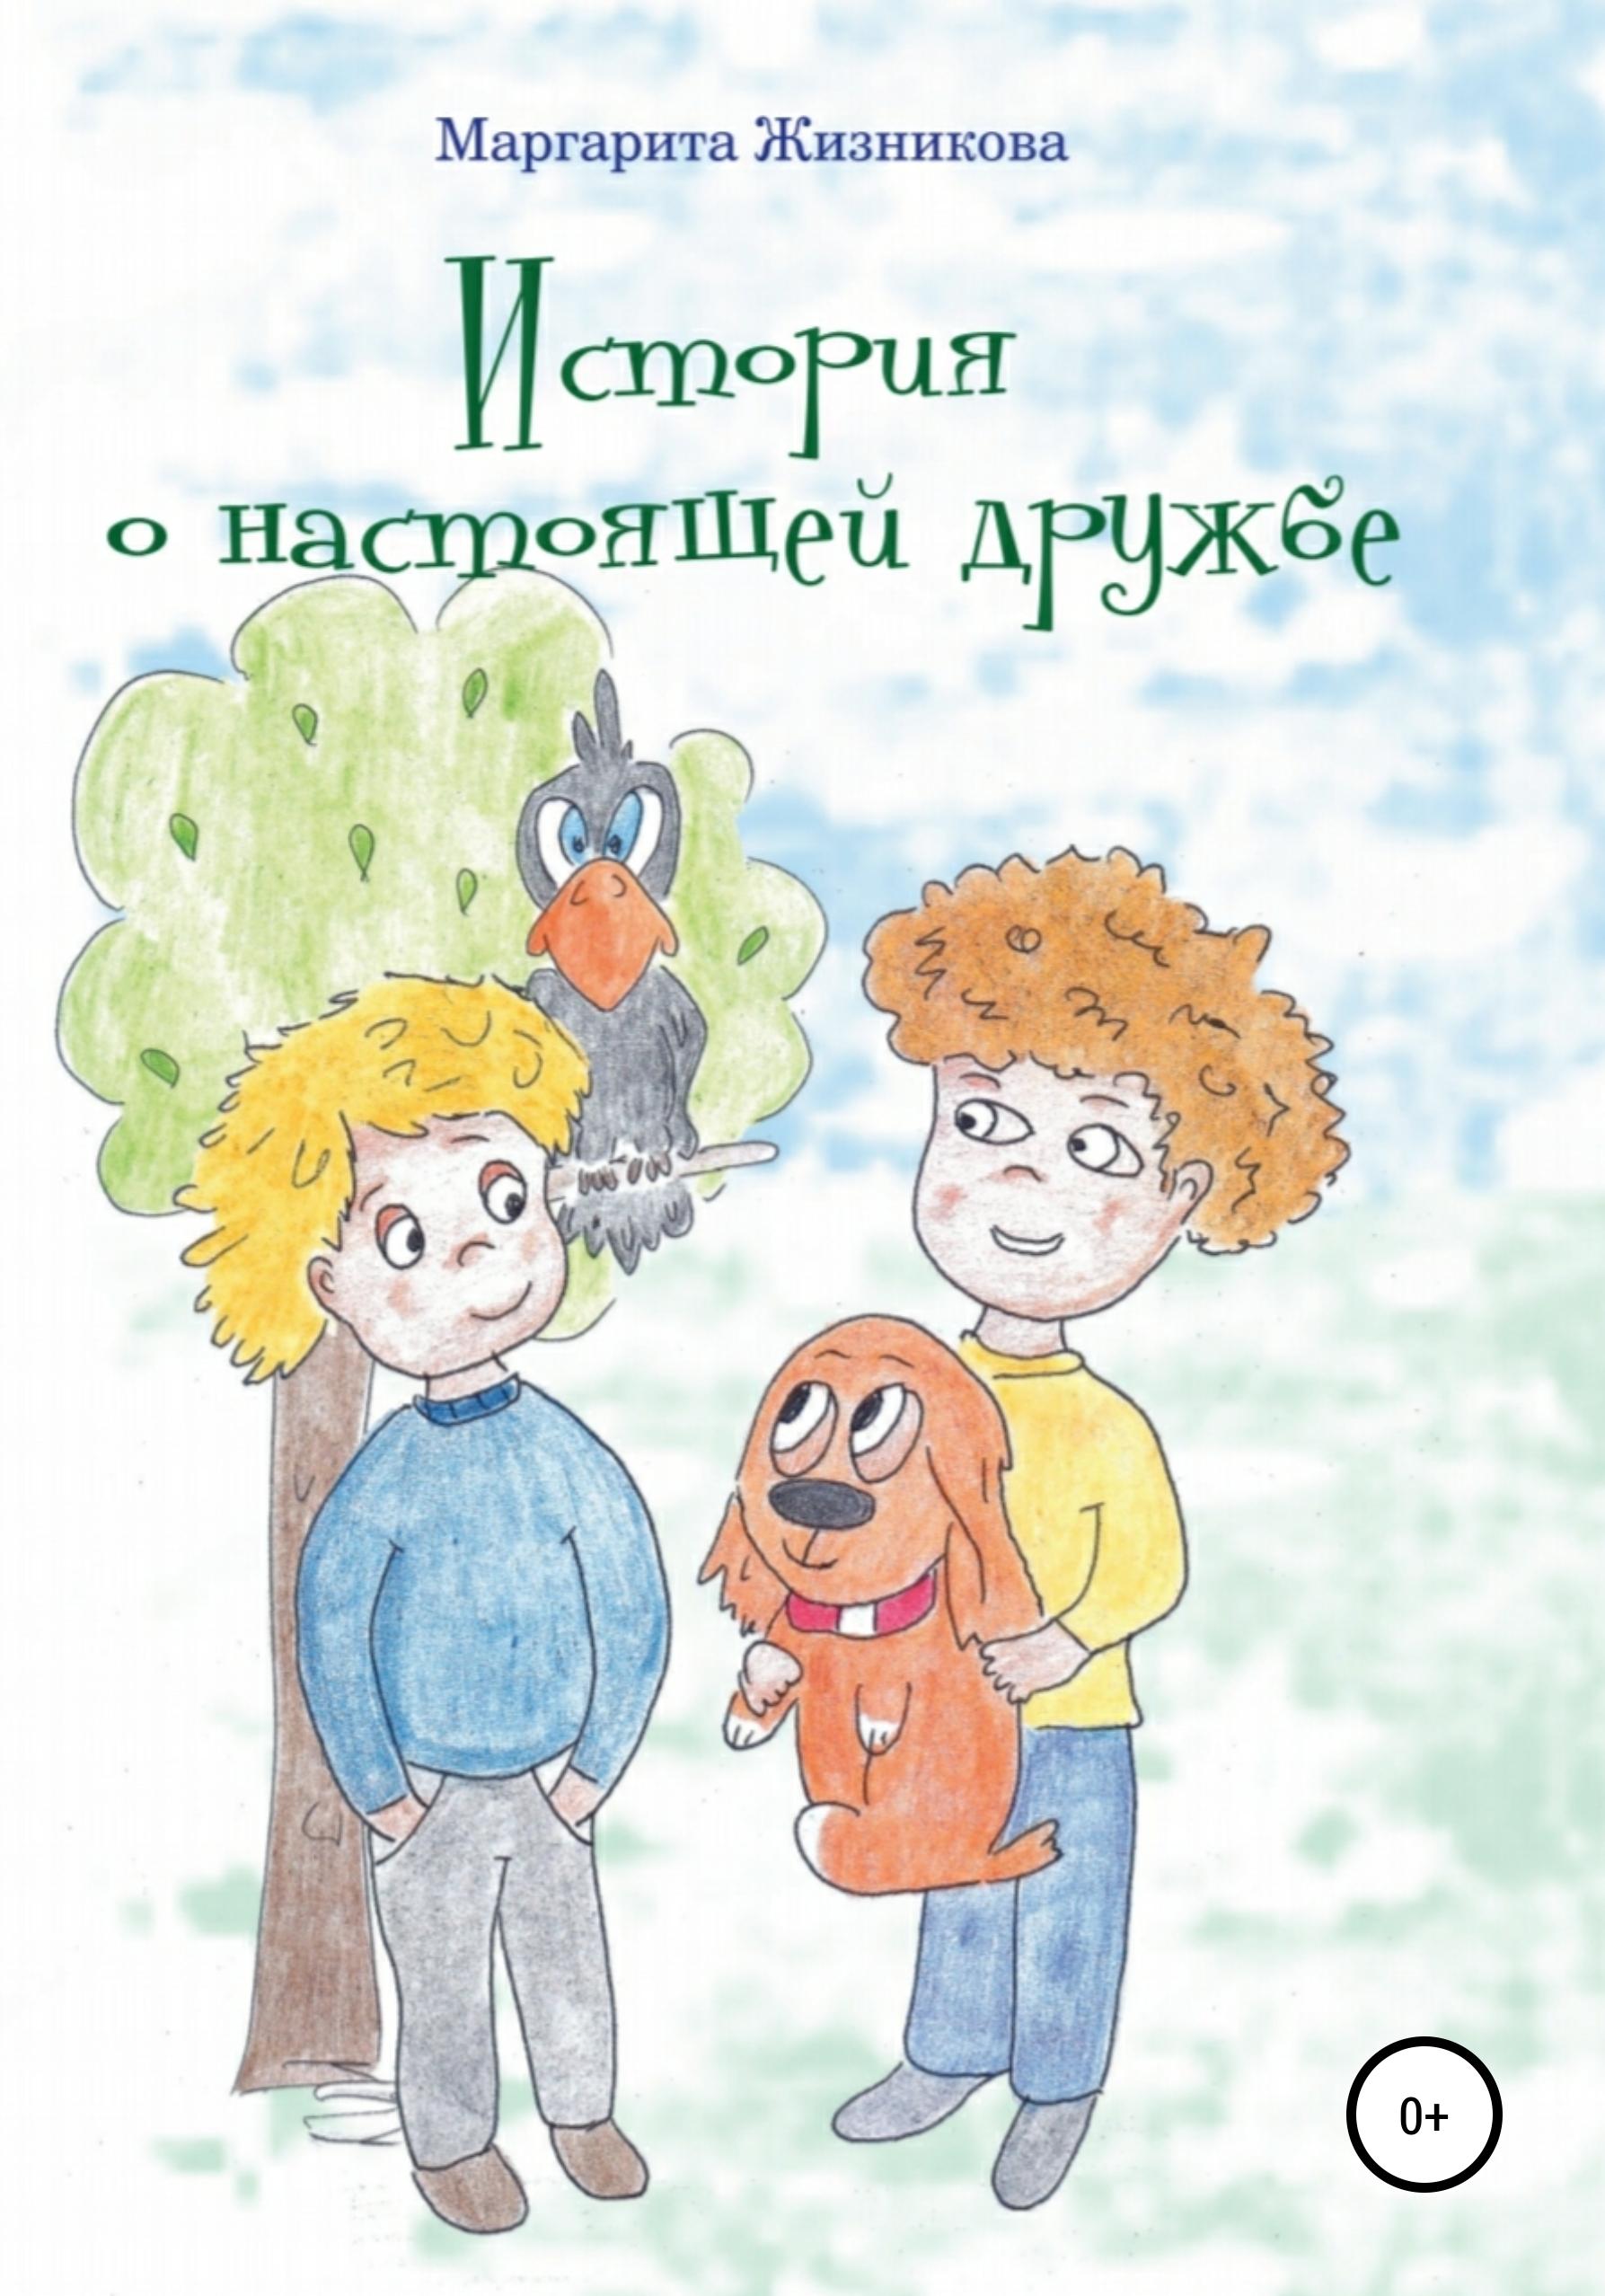 Маргарита Жизникова - История о настоящей дружбе